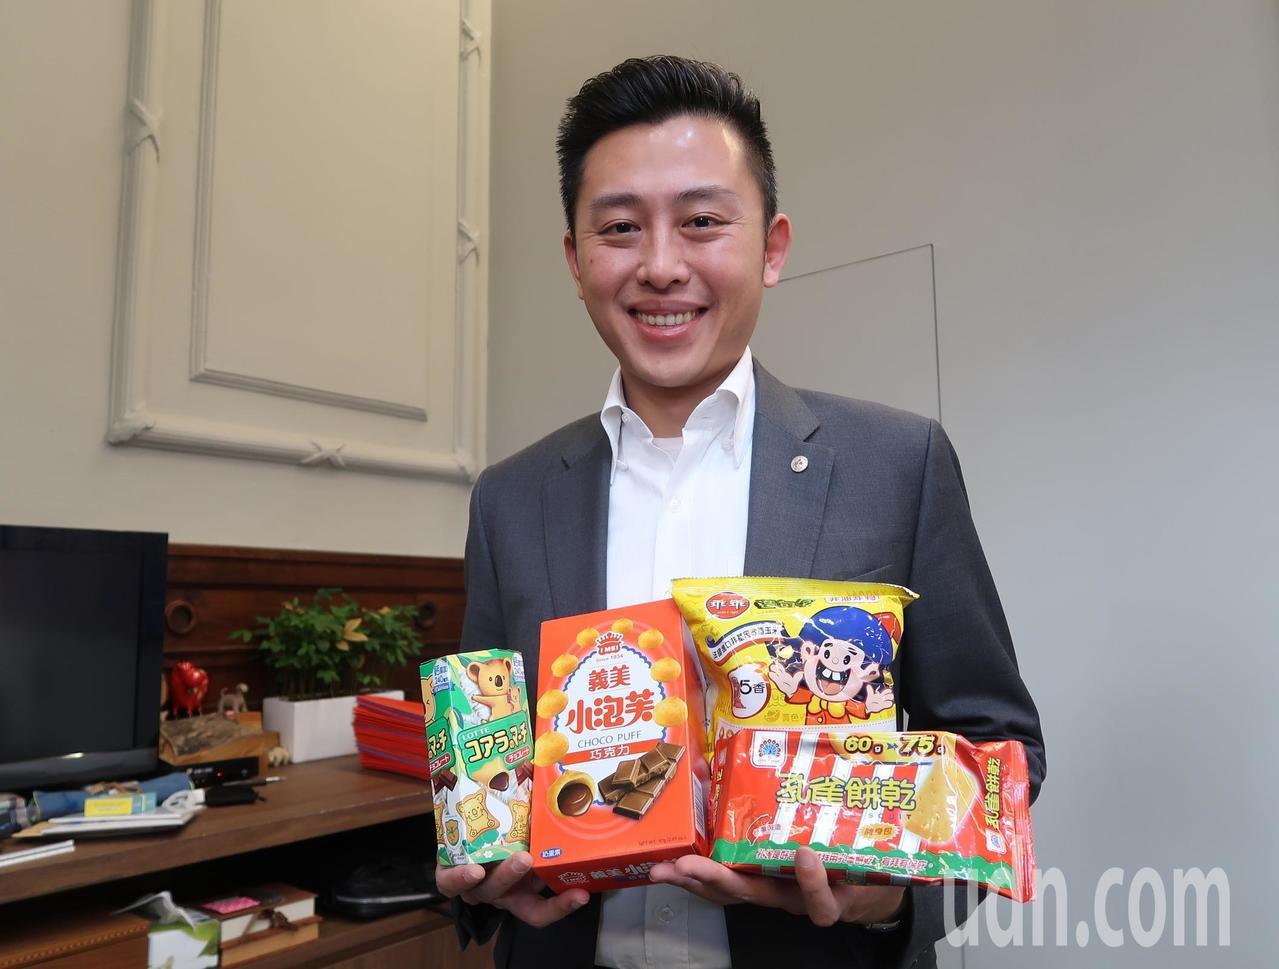 林智堅拿著自己喜愛的零食分享。記者郭宣彣/攝影